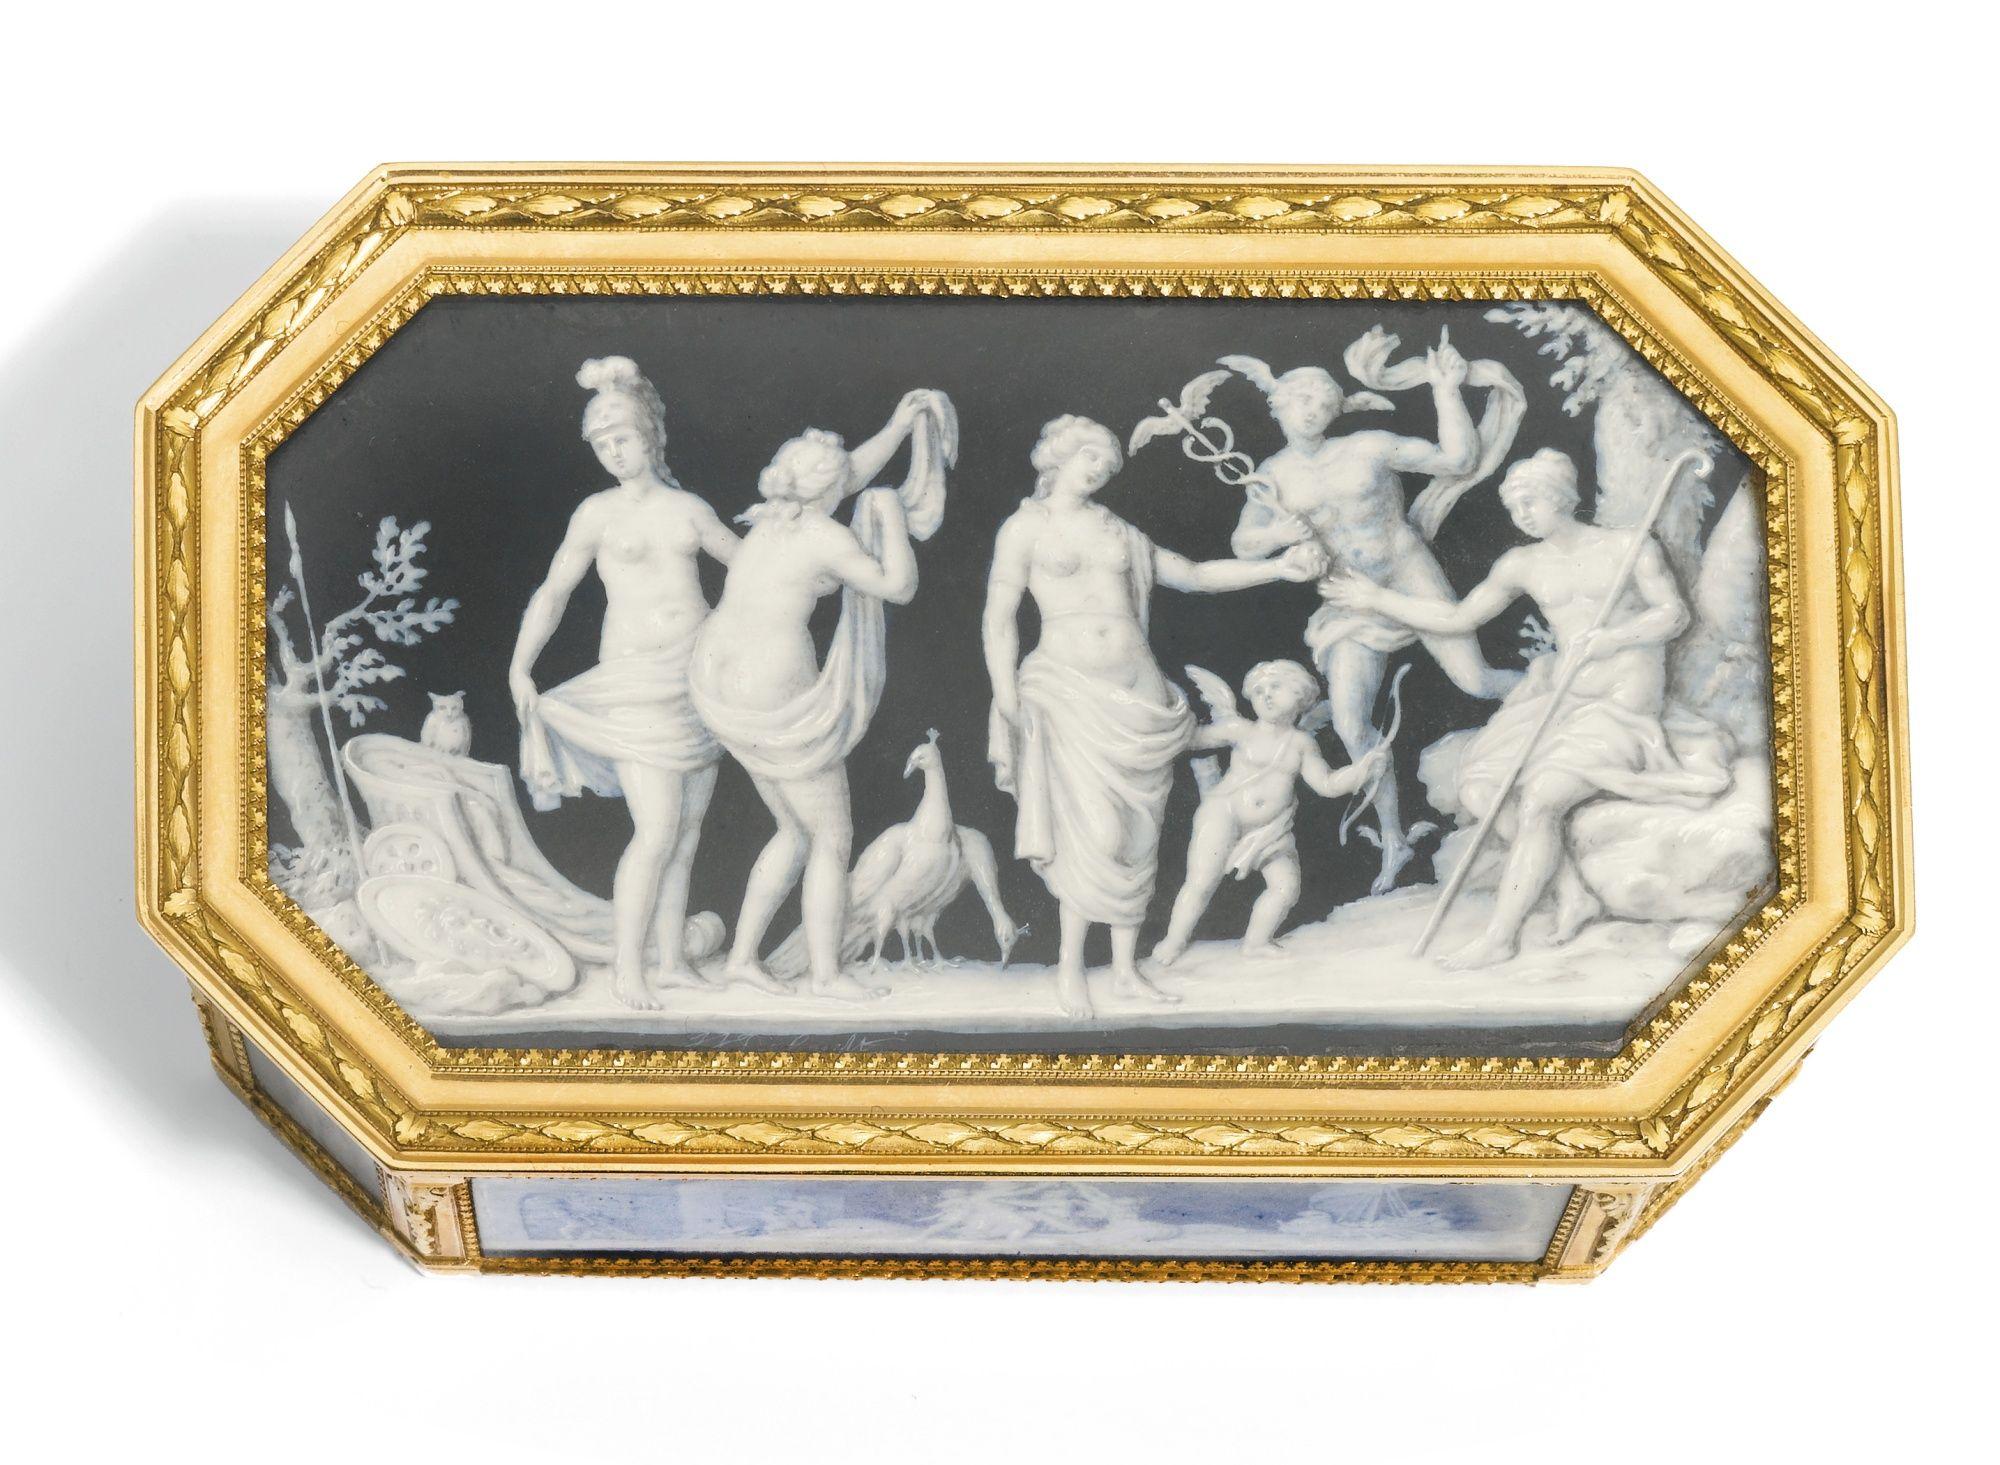 A GOLD-MOUNTED CAGEWORK BOÎTE À MINIATURES, ADRIEN-JEAN-MAXIMILIEN VACHETTE, PARIS, 1786